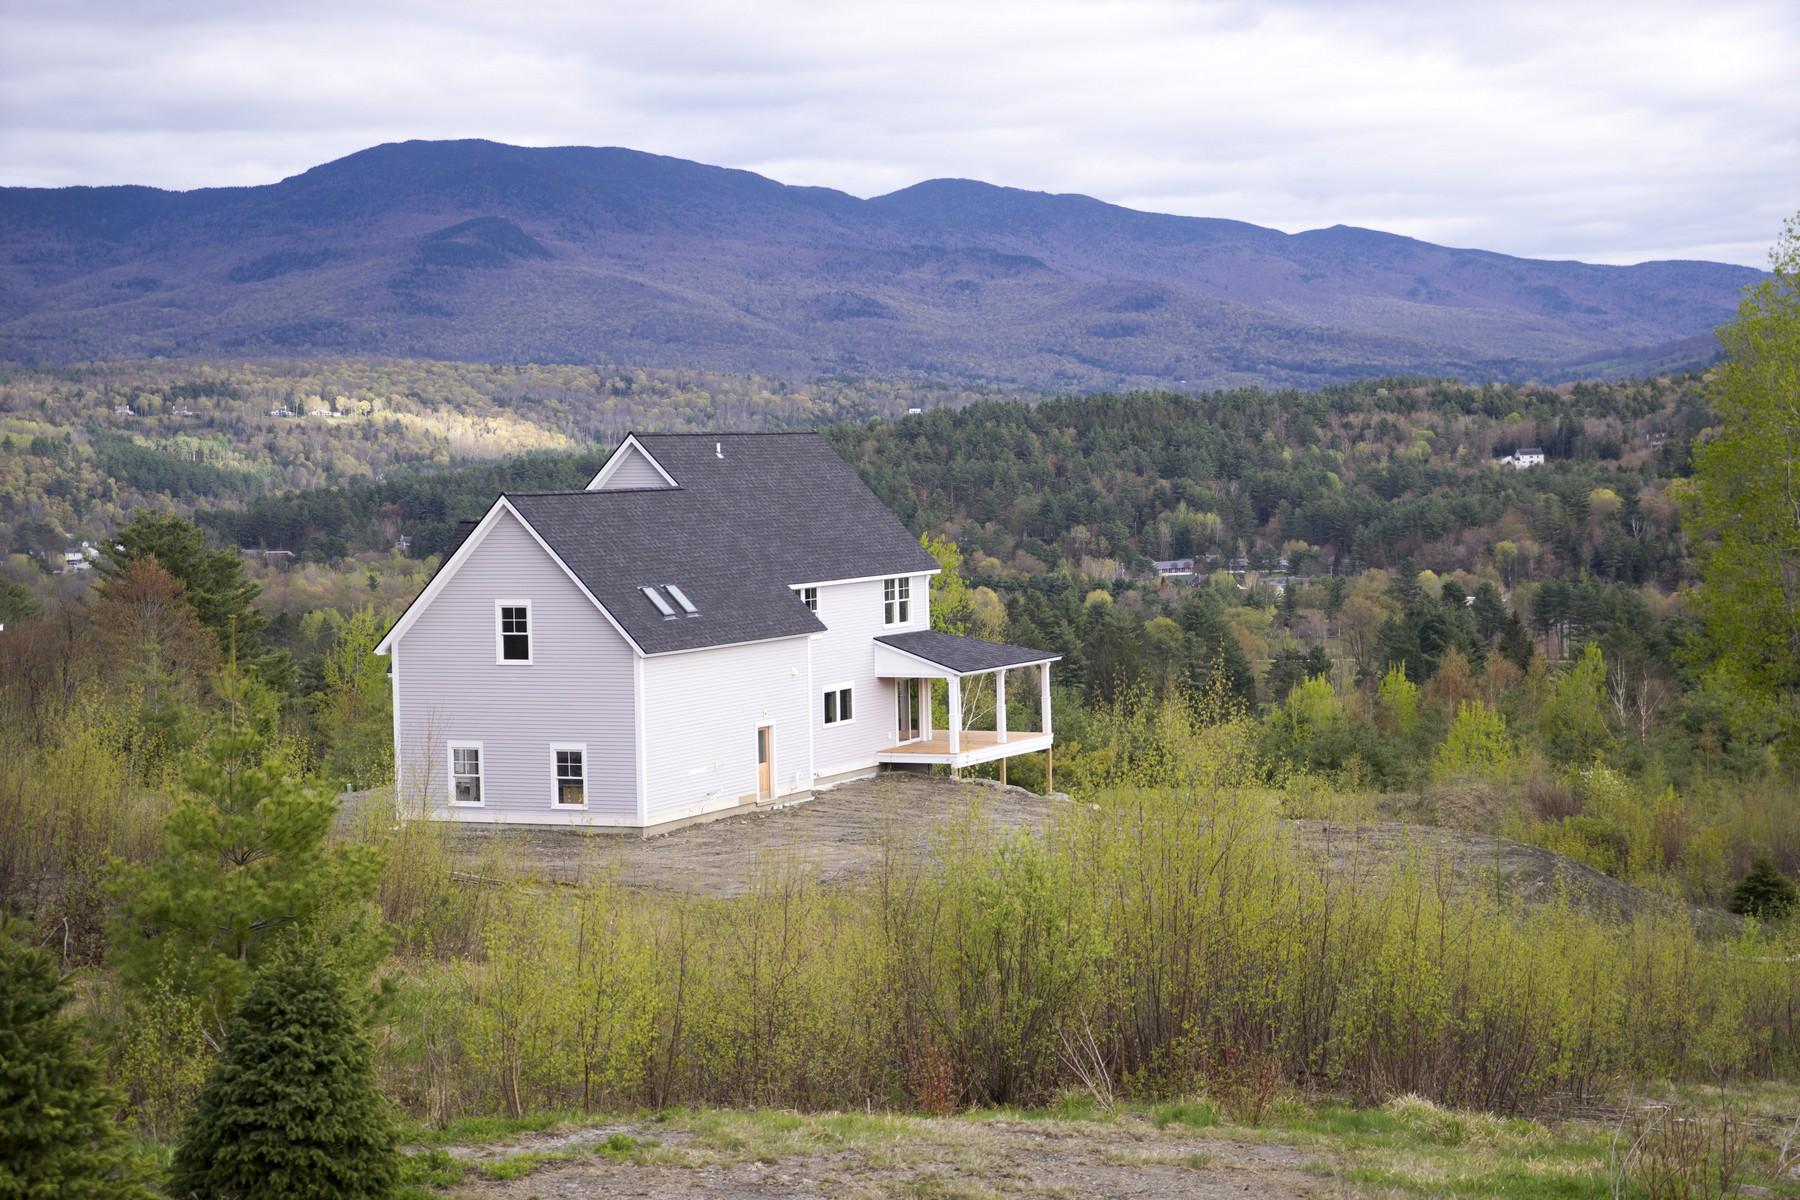 Maison unifamiliale pour l Vente à 98 Benjamin Trail Lot 1B-11, Stowe 98 Benjamin Trl Lot 1B-11 Stowe, Vermont, 05672 États-Unis